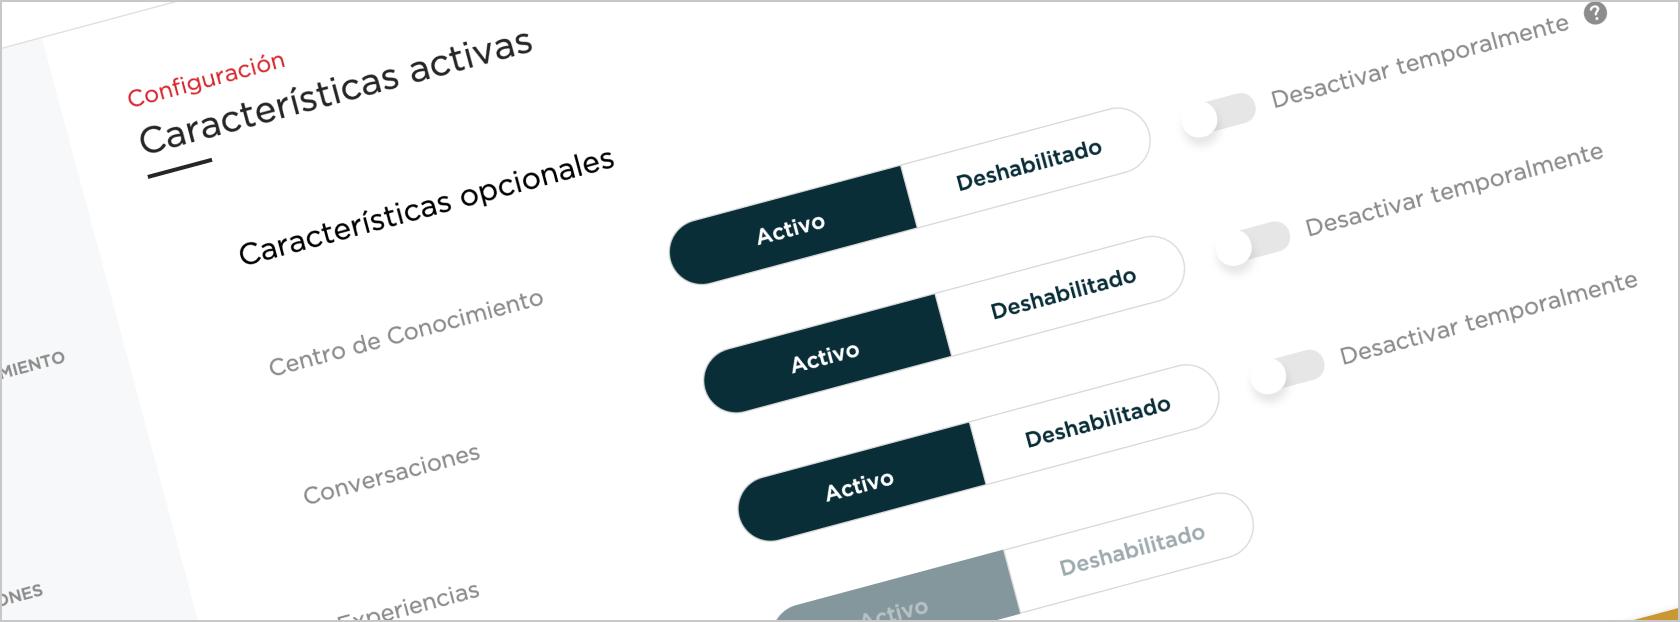 Configuración de características activas